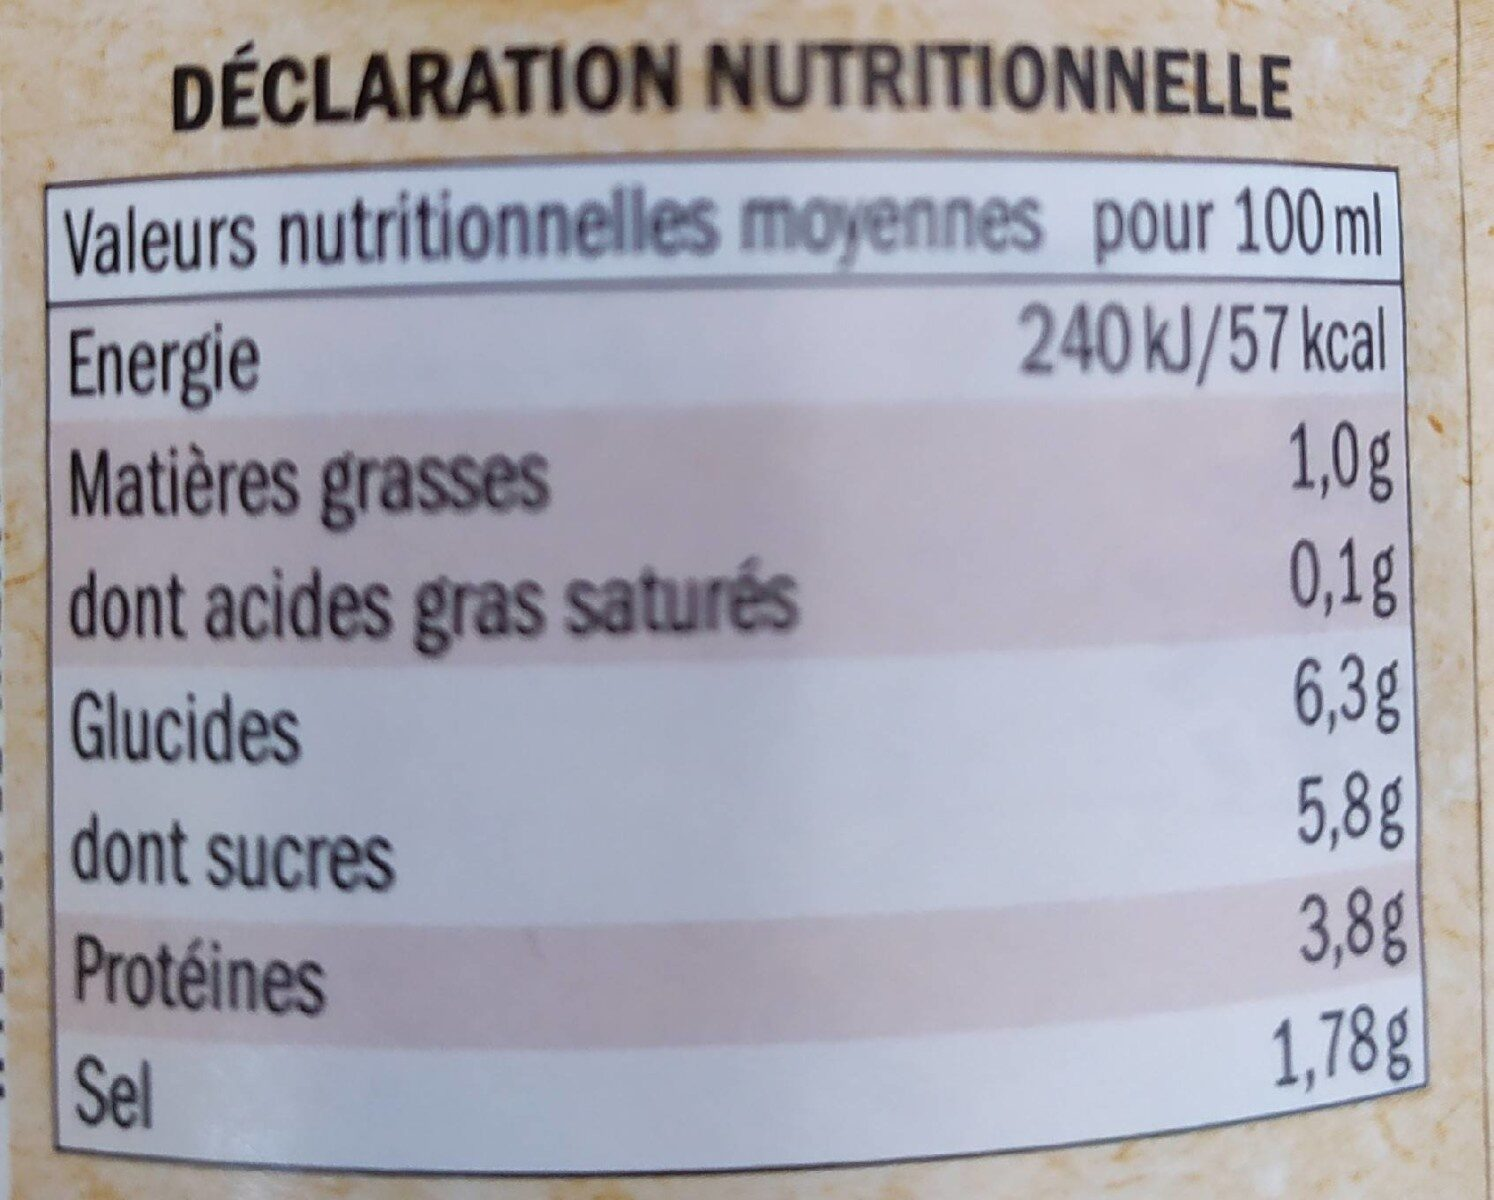 Salsa de tomate boloñesa vegetariana Bio - Información nutricional - es